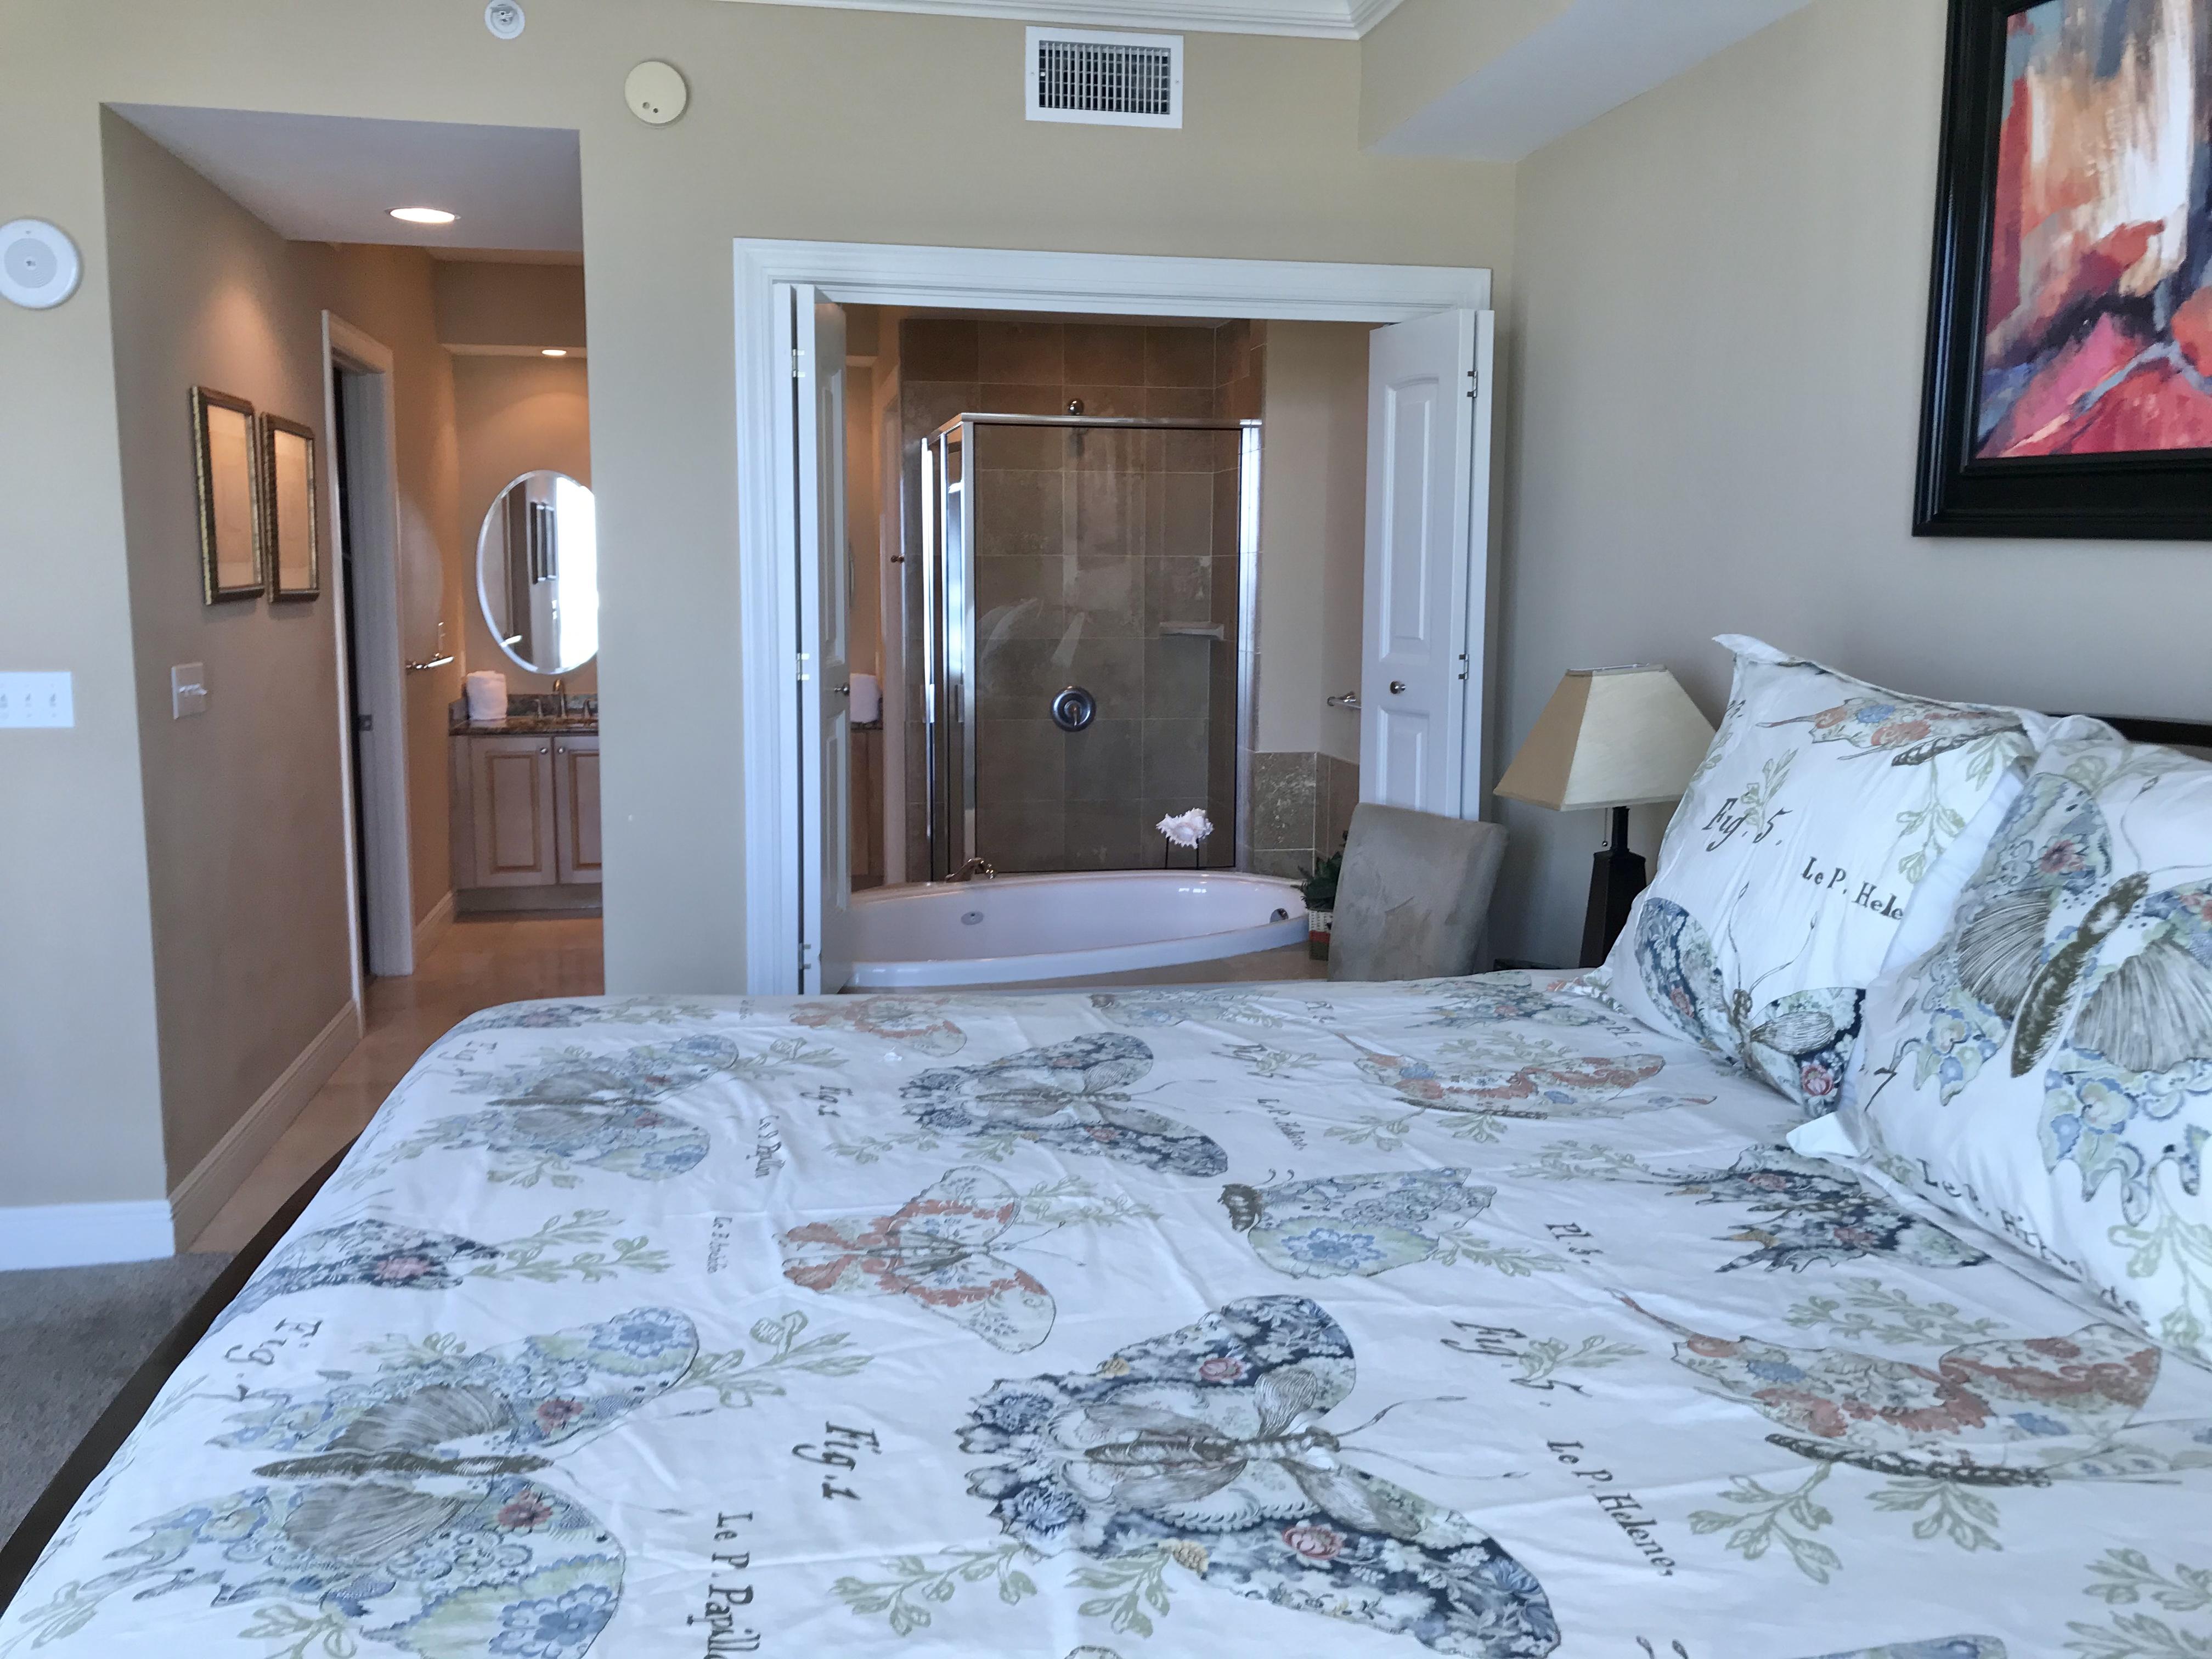 Mustique 401 Condo rental in Mustique in Gulf Shores Alabama - #28